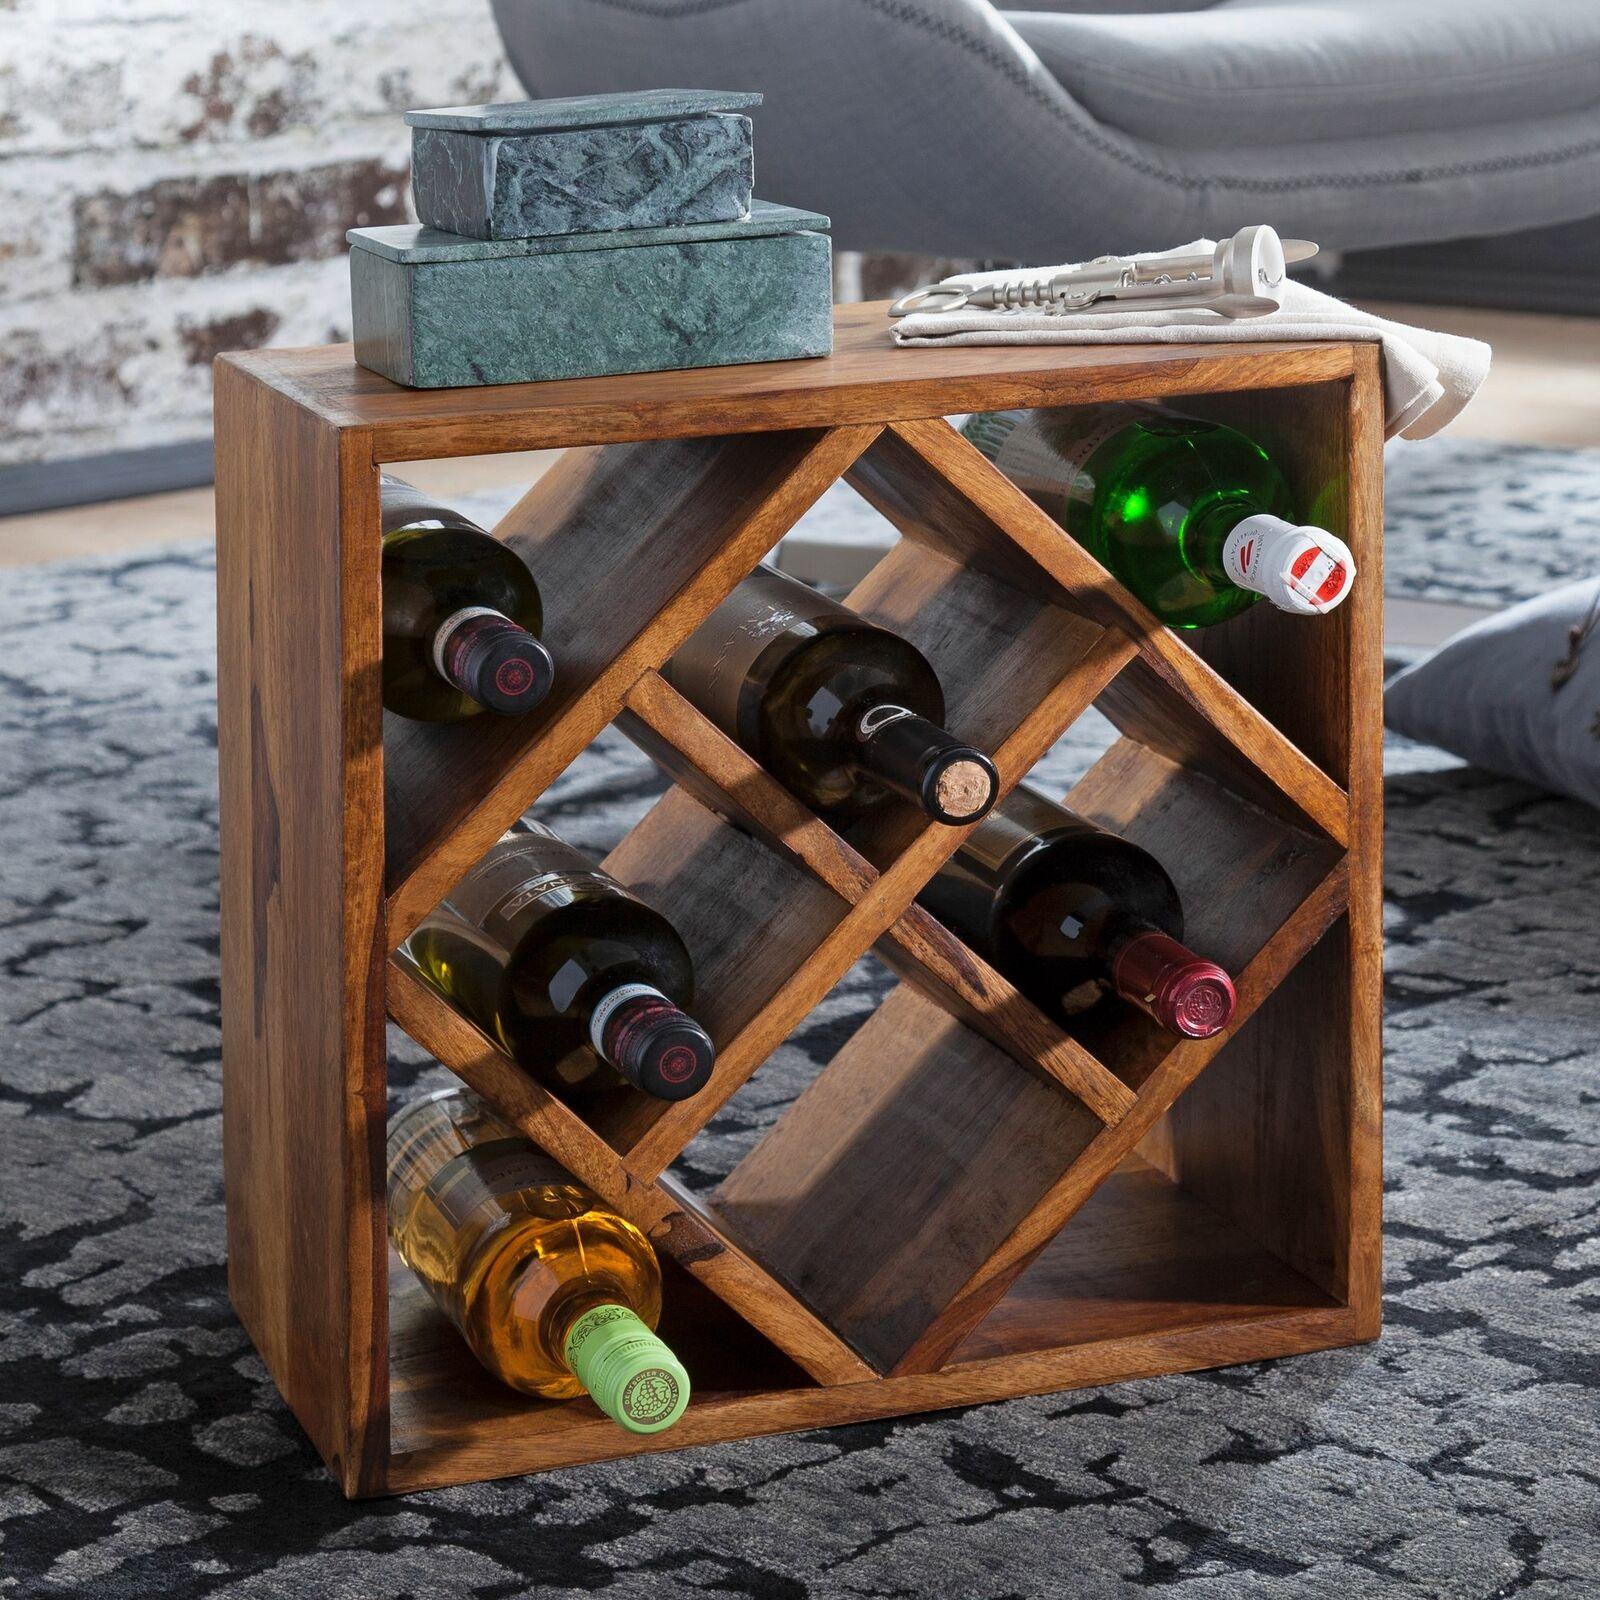 FineBuy Vin étagère FB50958 casier à vin en bois Porte Bouteille Vin en Bois Massif étagère